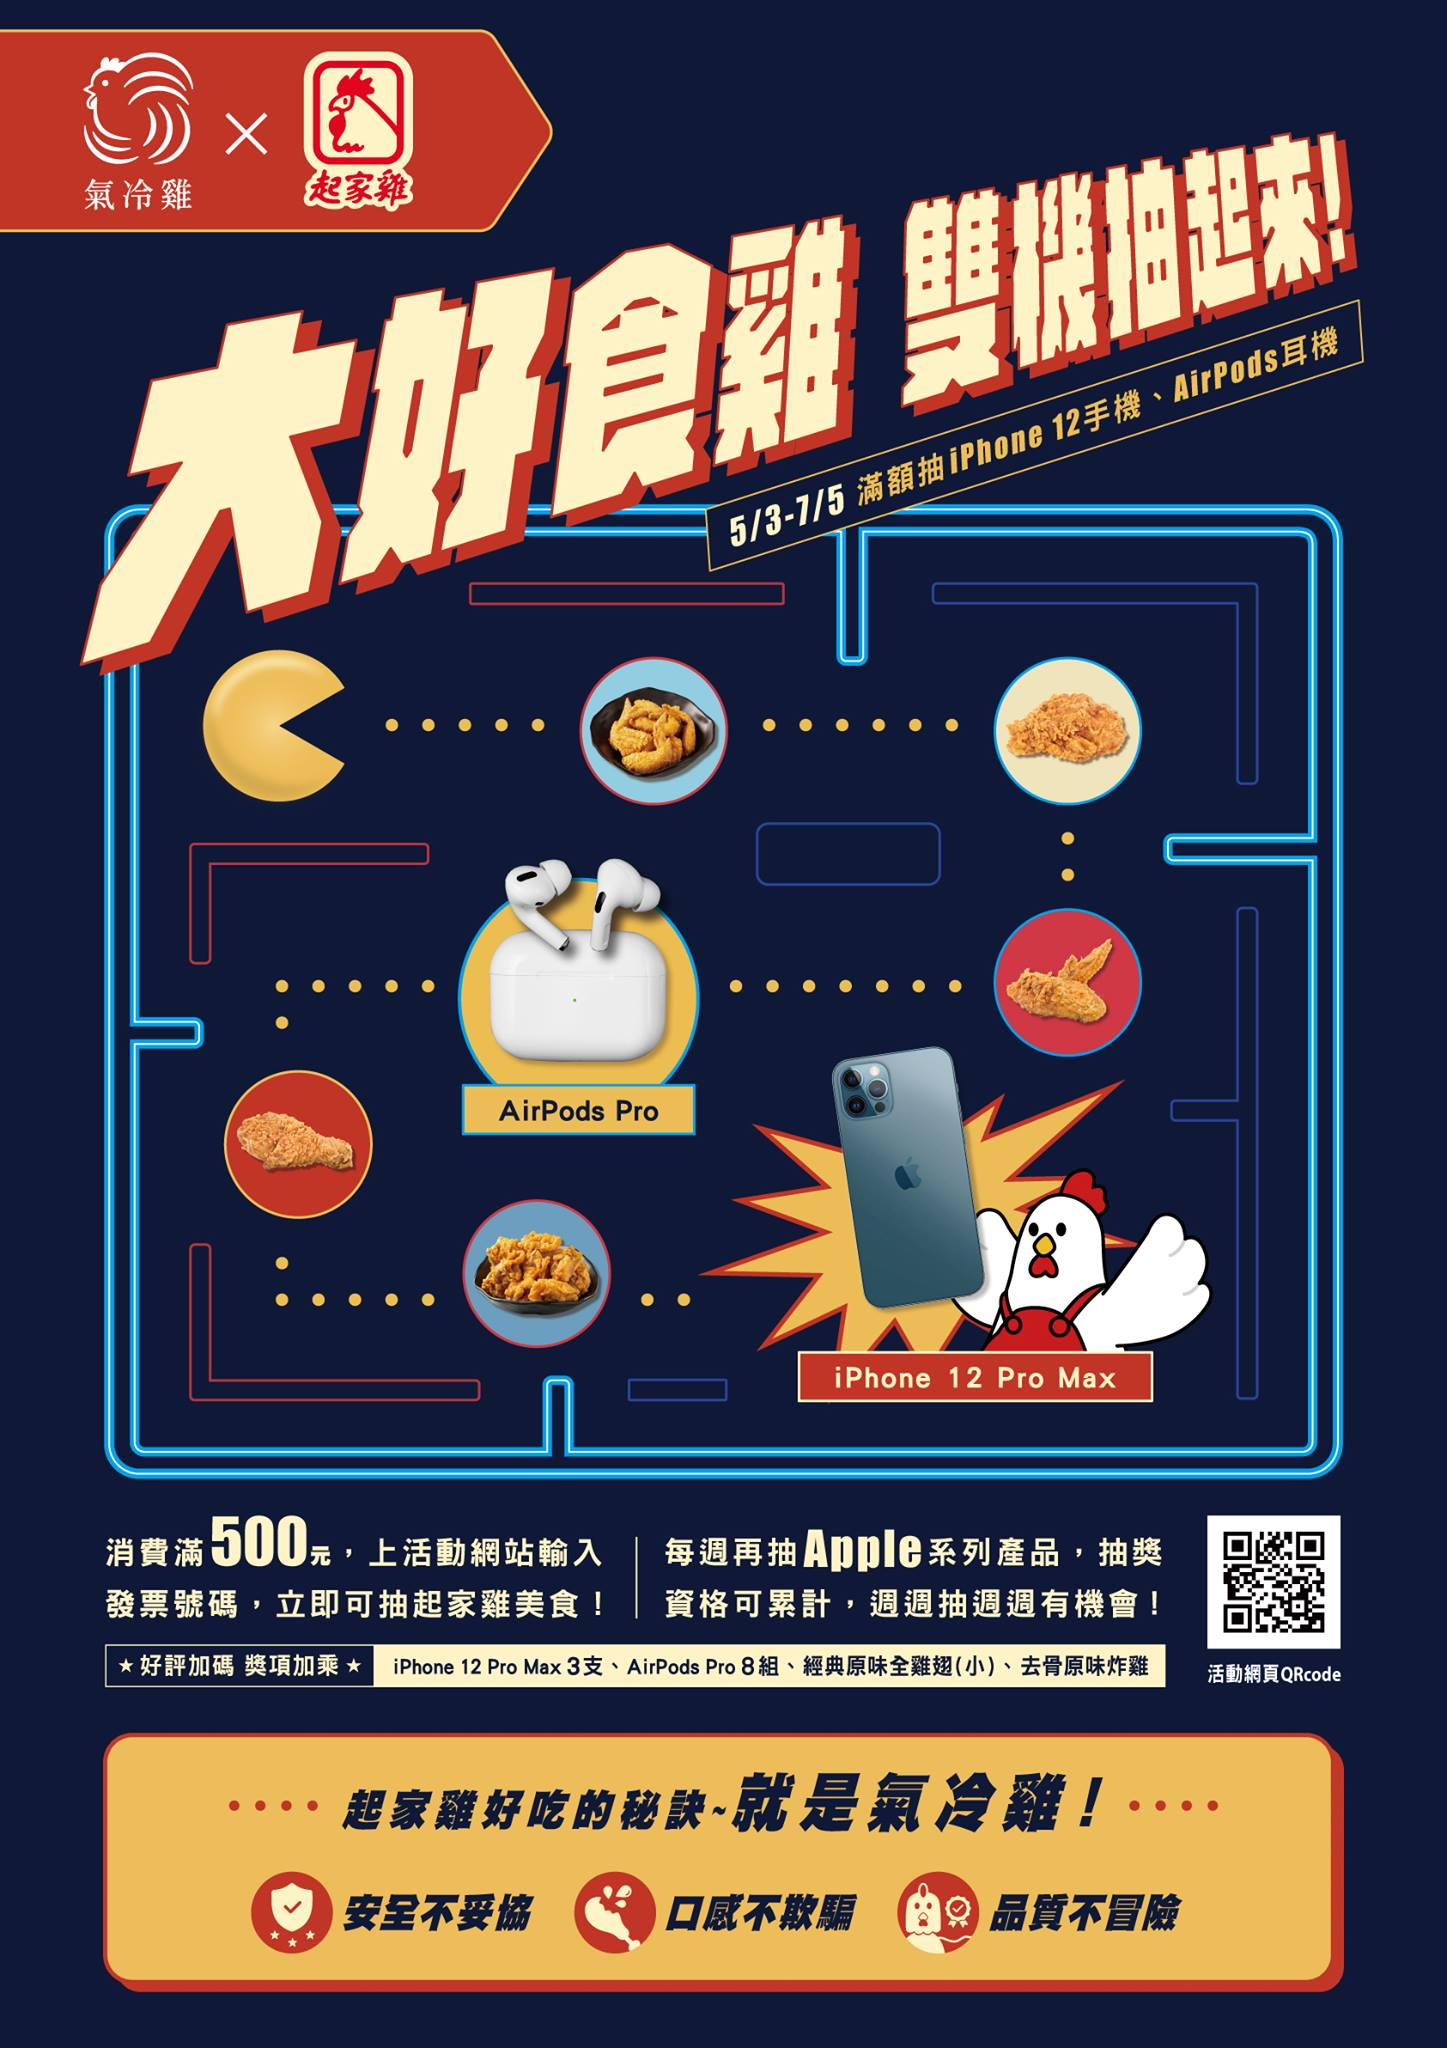 台北外帶美食 優惠餐廳總整理 防疫期間外帶優惠總整理! 連鎖品牌外帶優惠懶人包 65